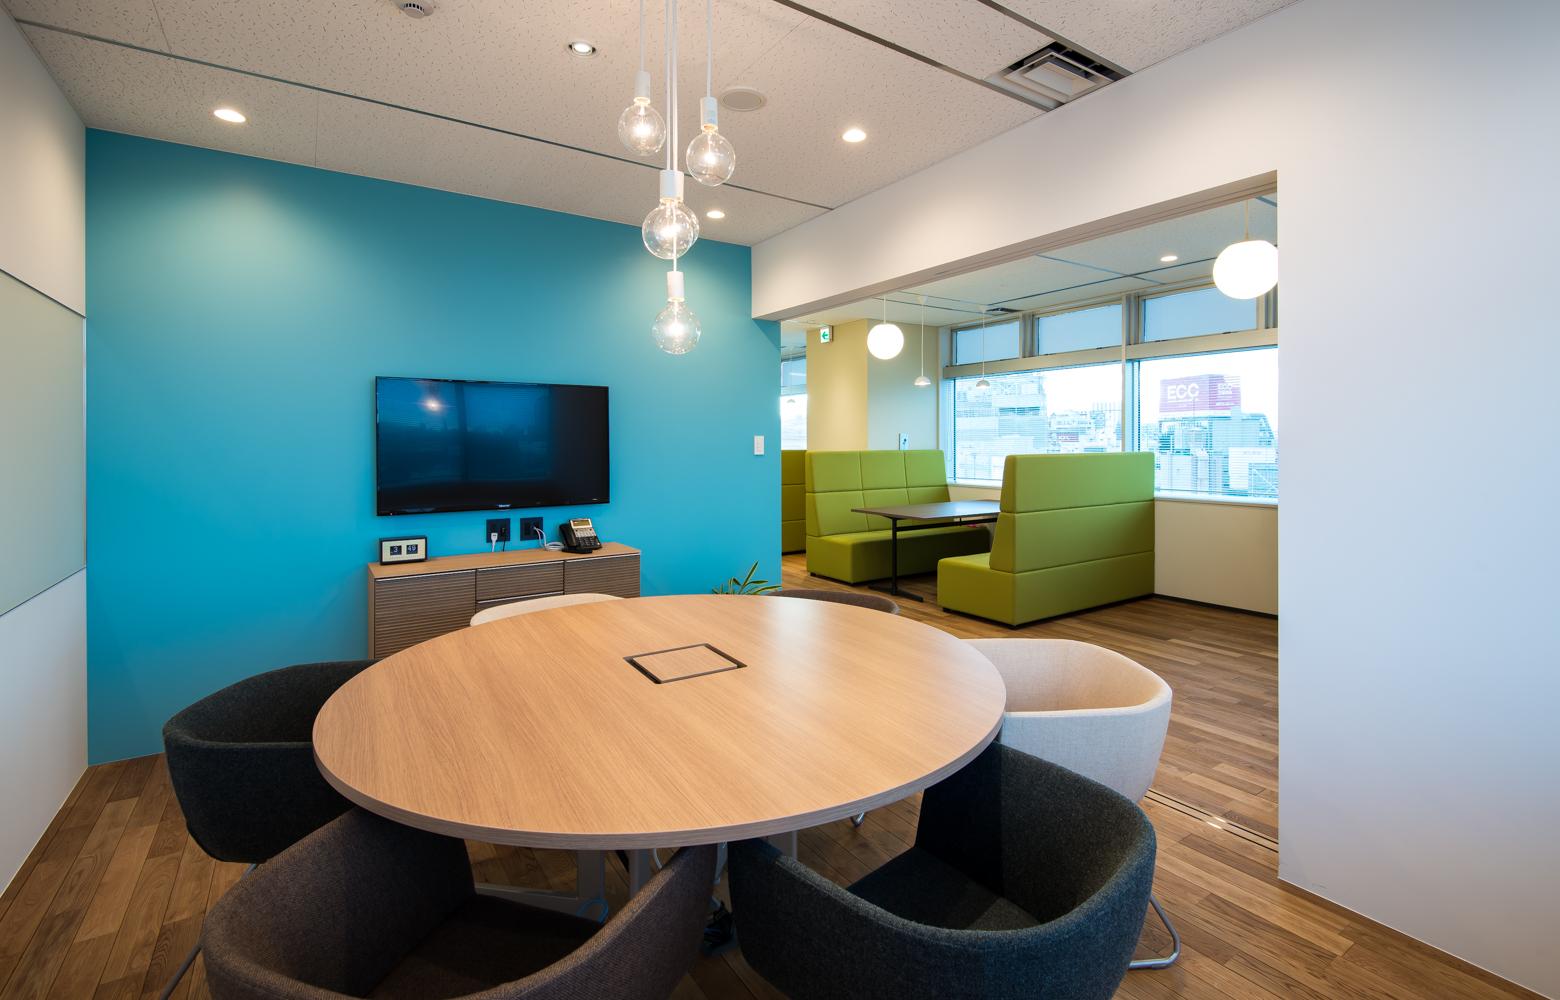 株式会社かいはつマネジメント・コンサルティング Meeting Room Open デザイン・レイアウト事例